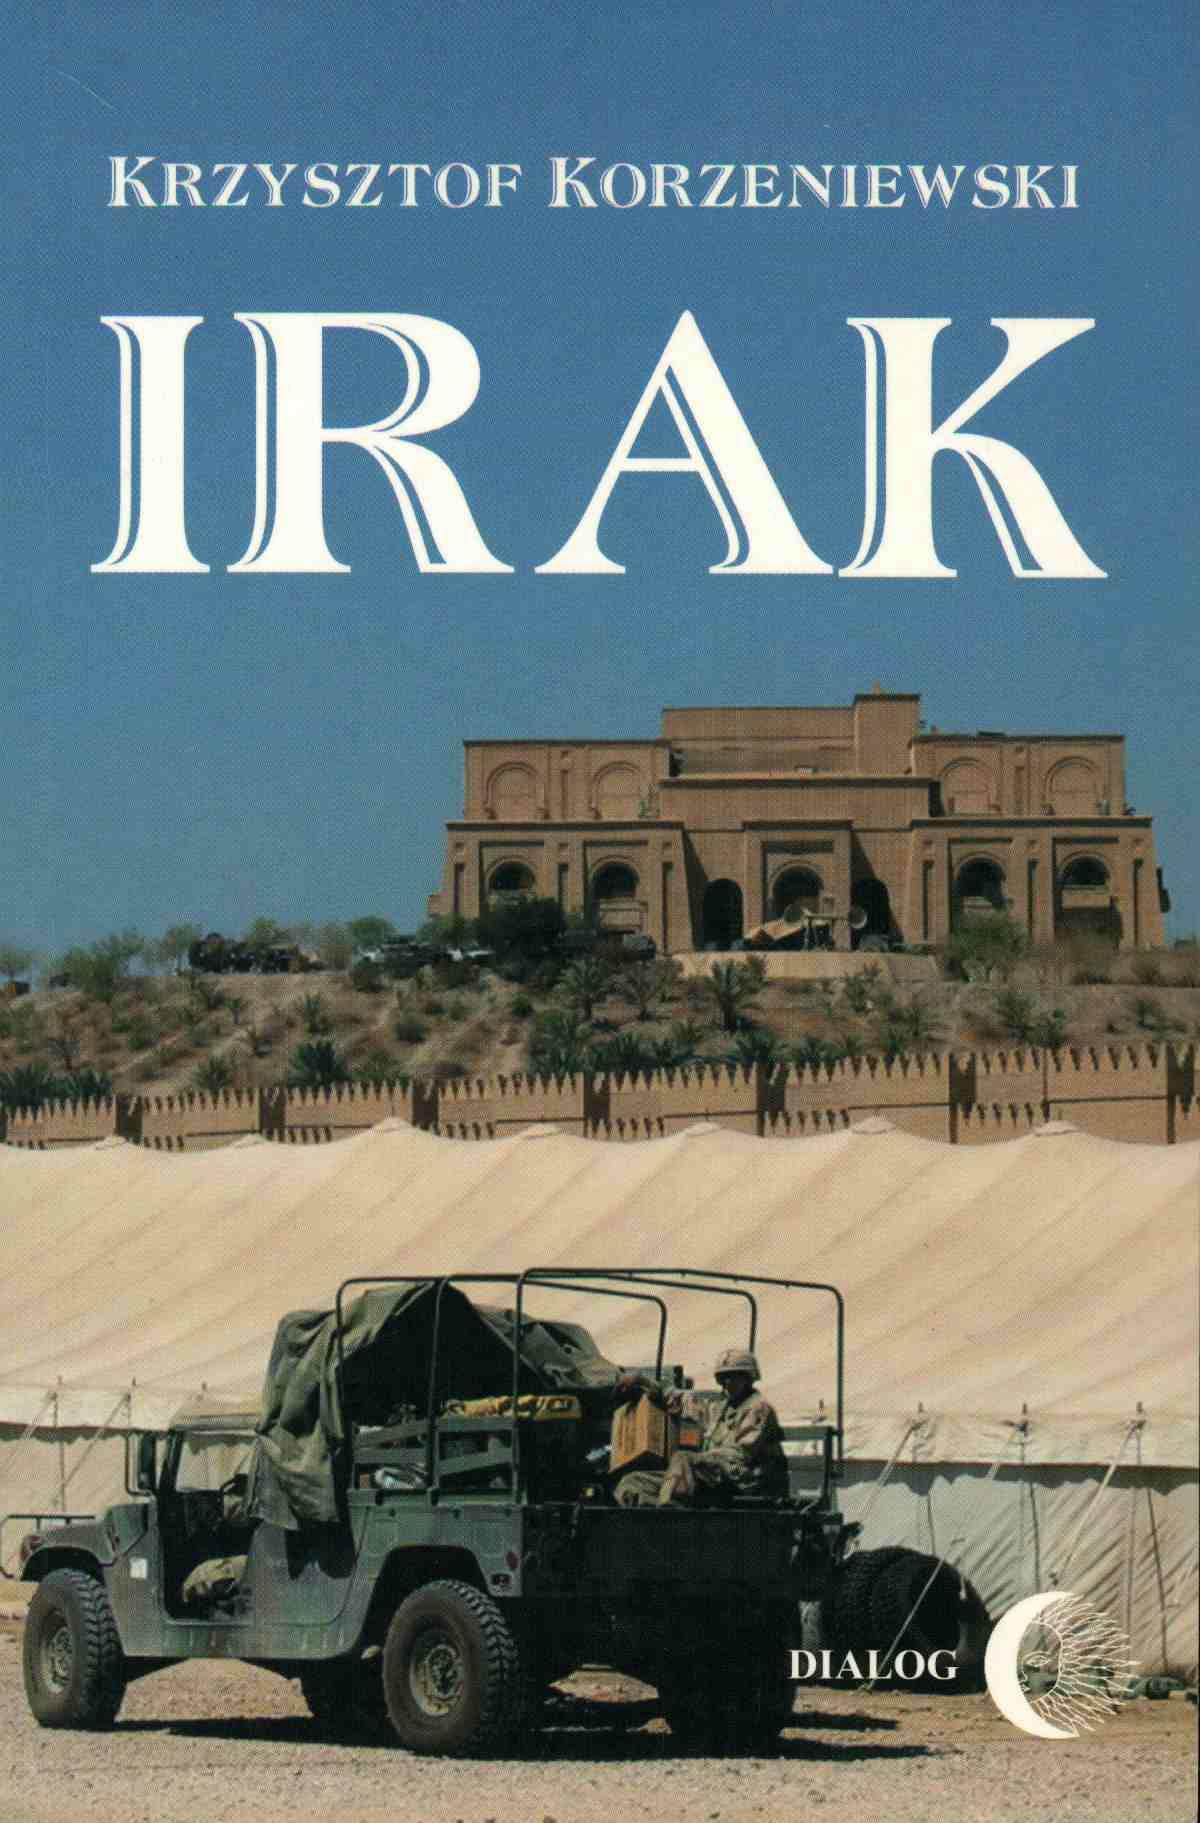 Irak - Ebook (Książka EPUB) do pobrania w formacie EPUB